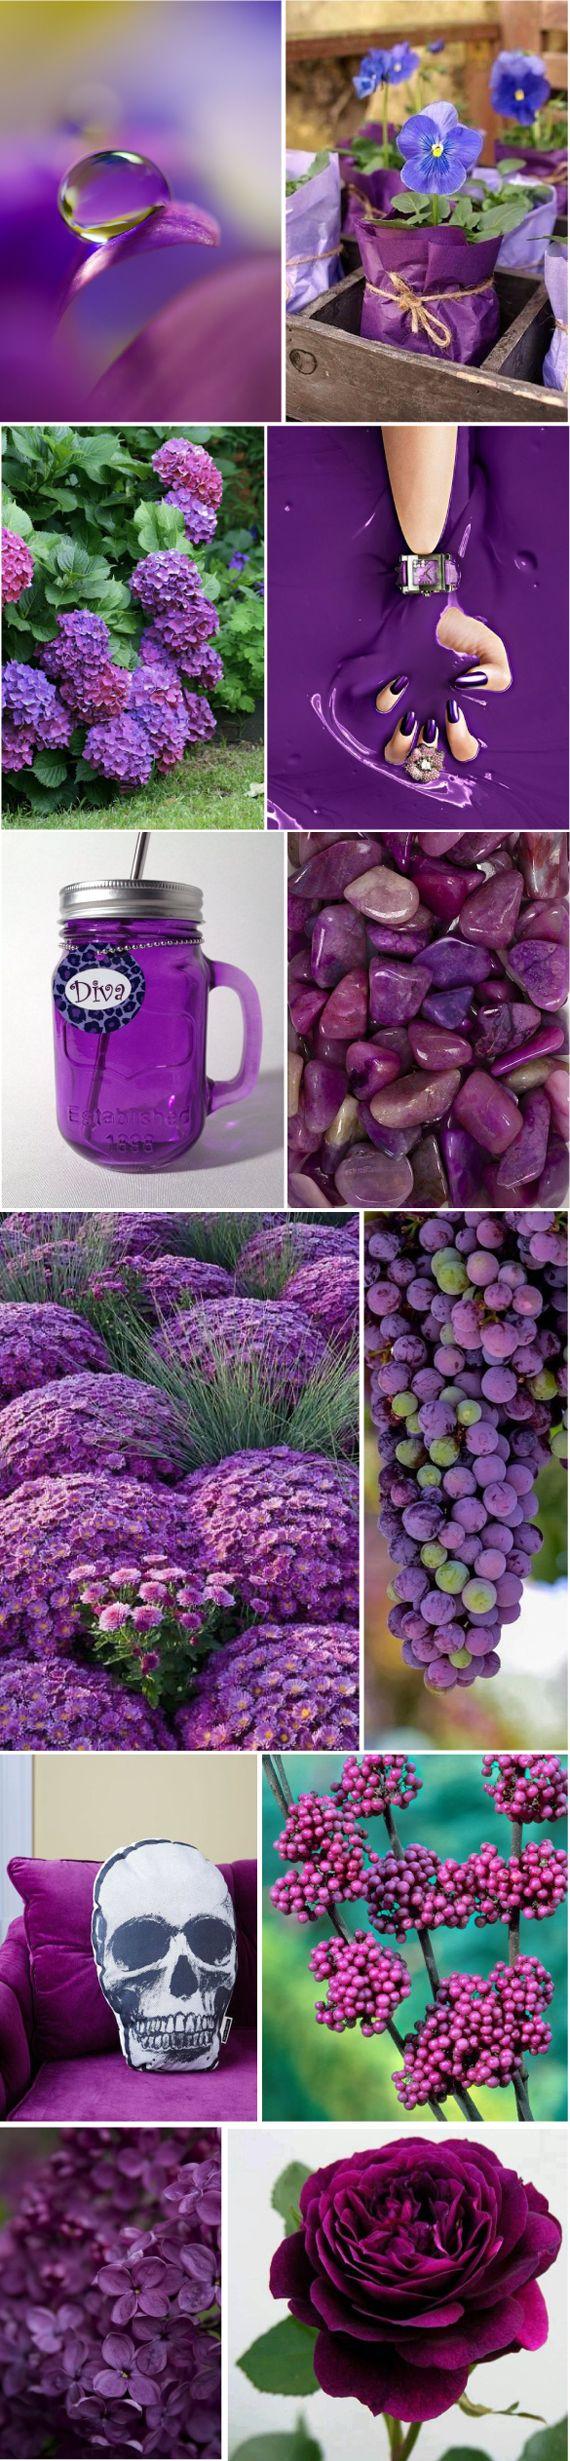 Пурпурные цвета